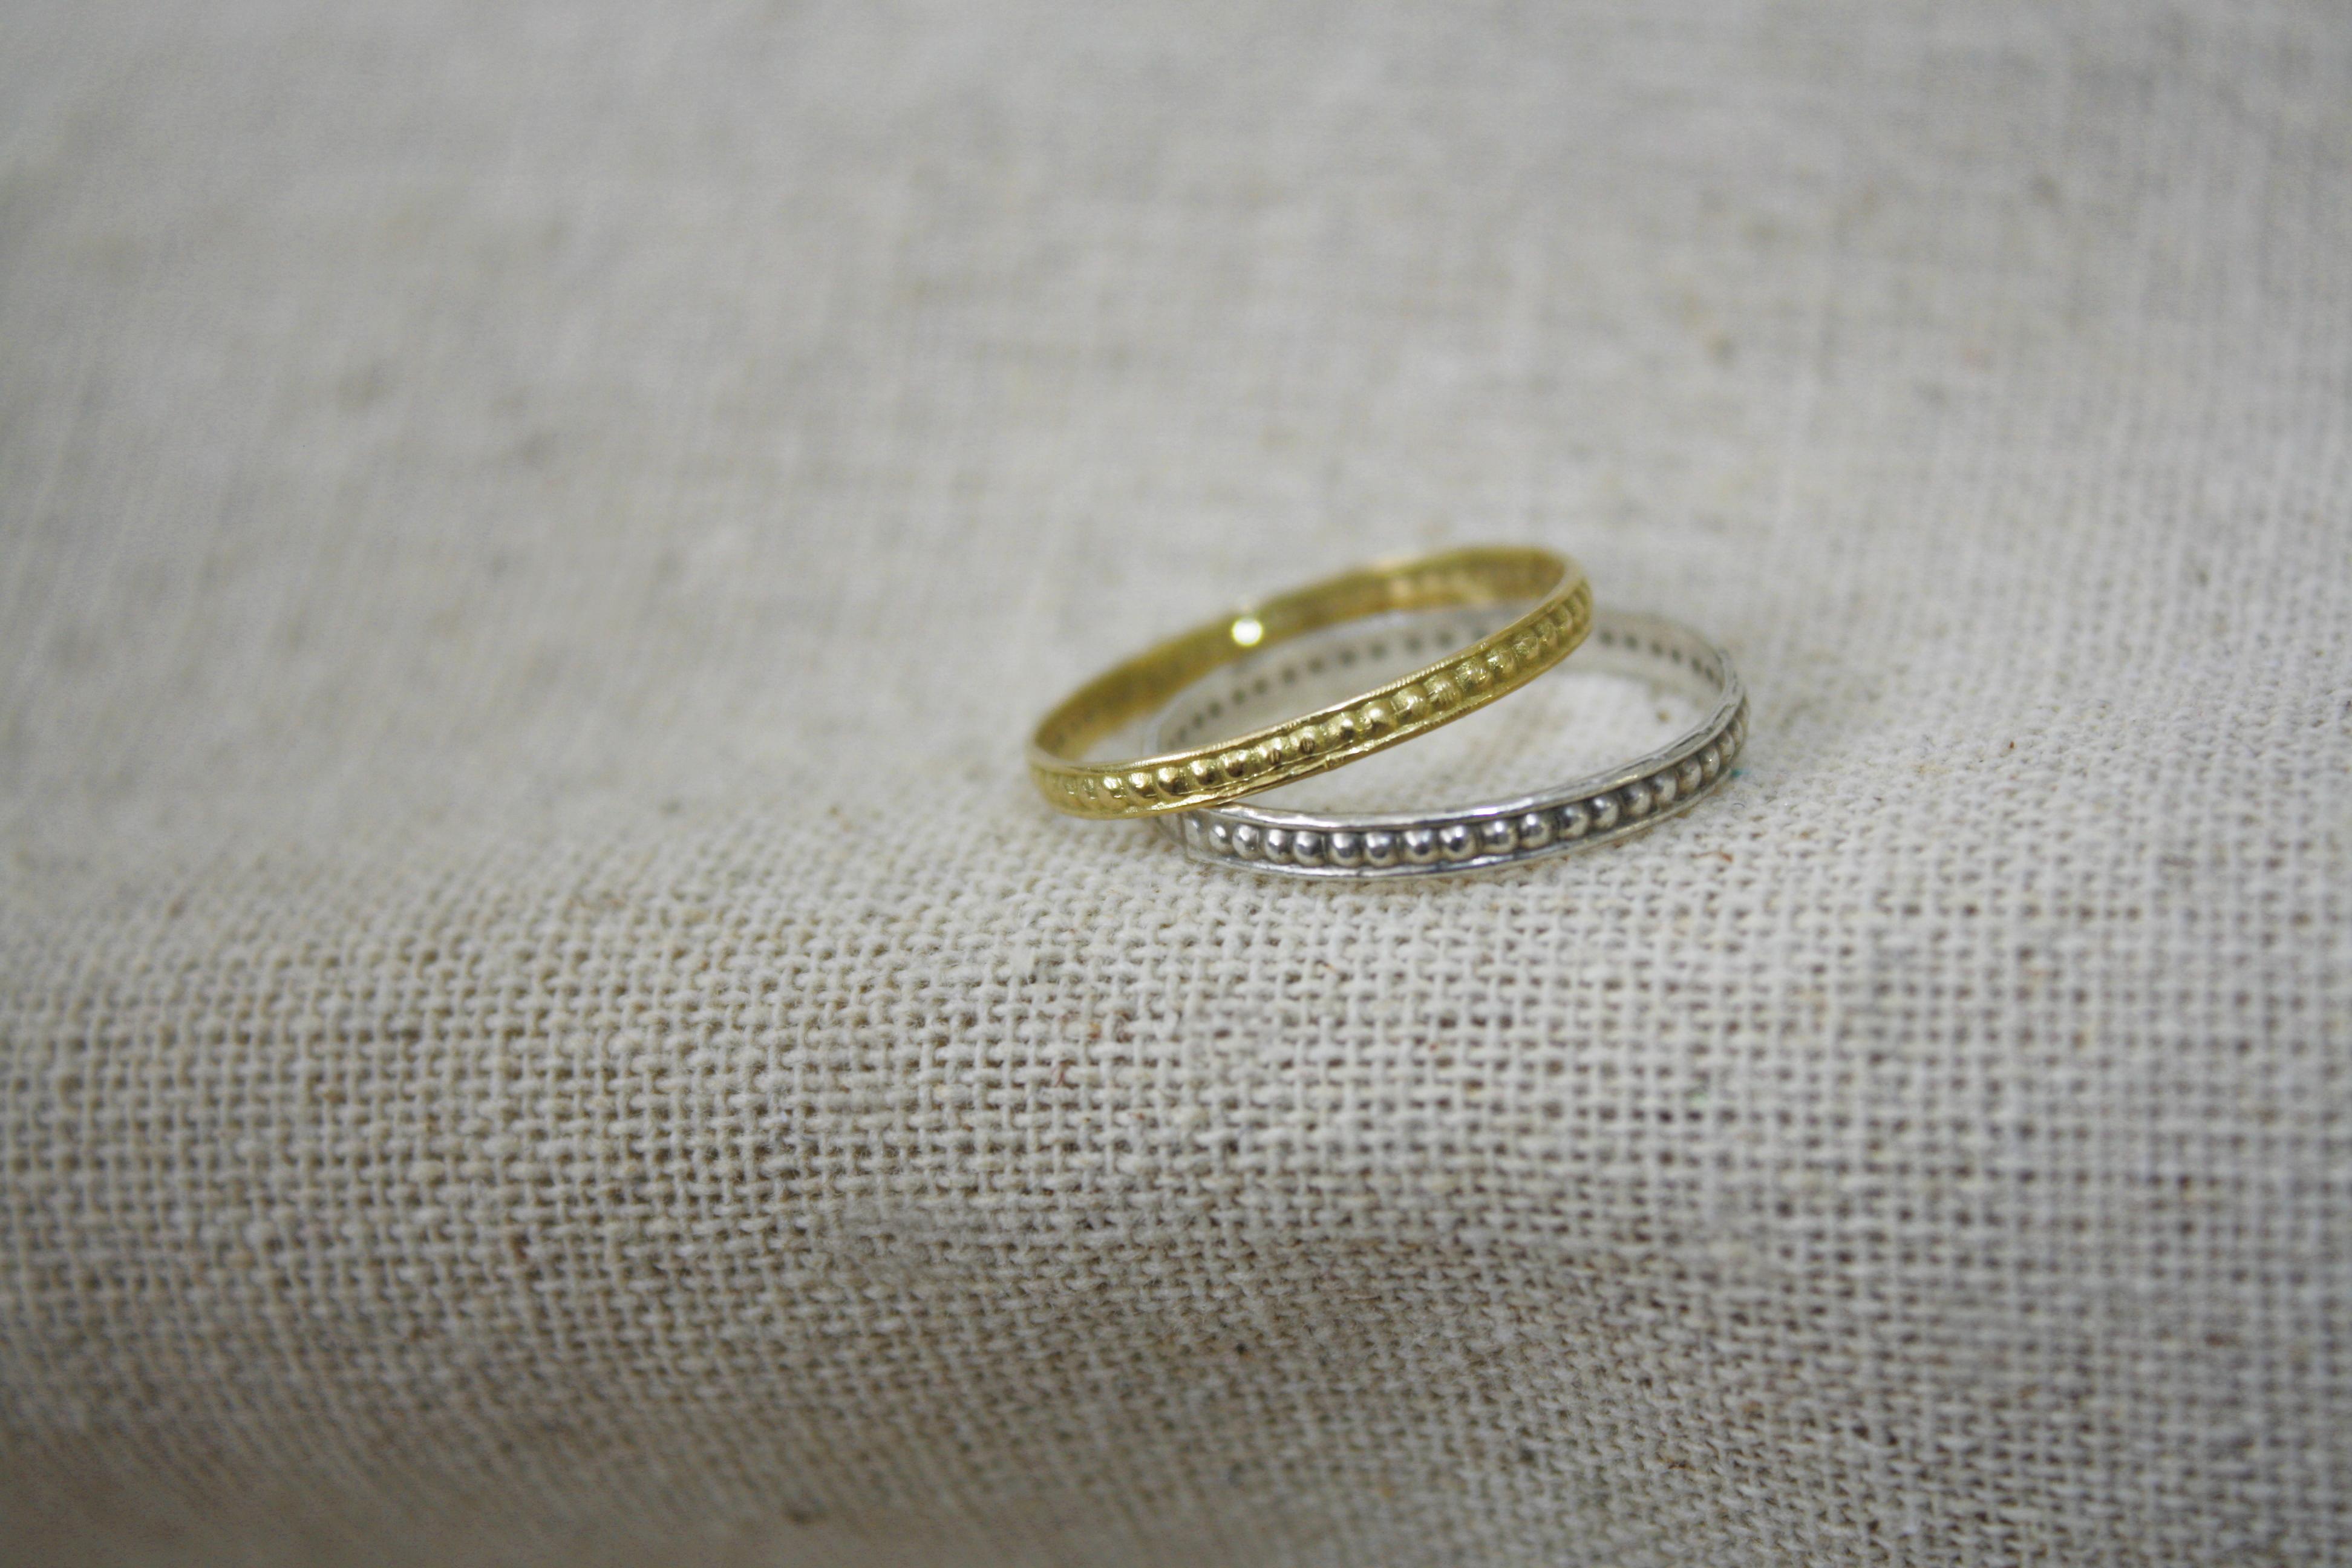 טבעת עיטורים זהב וכסף